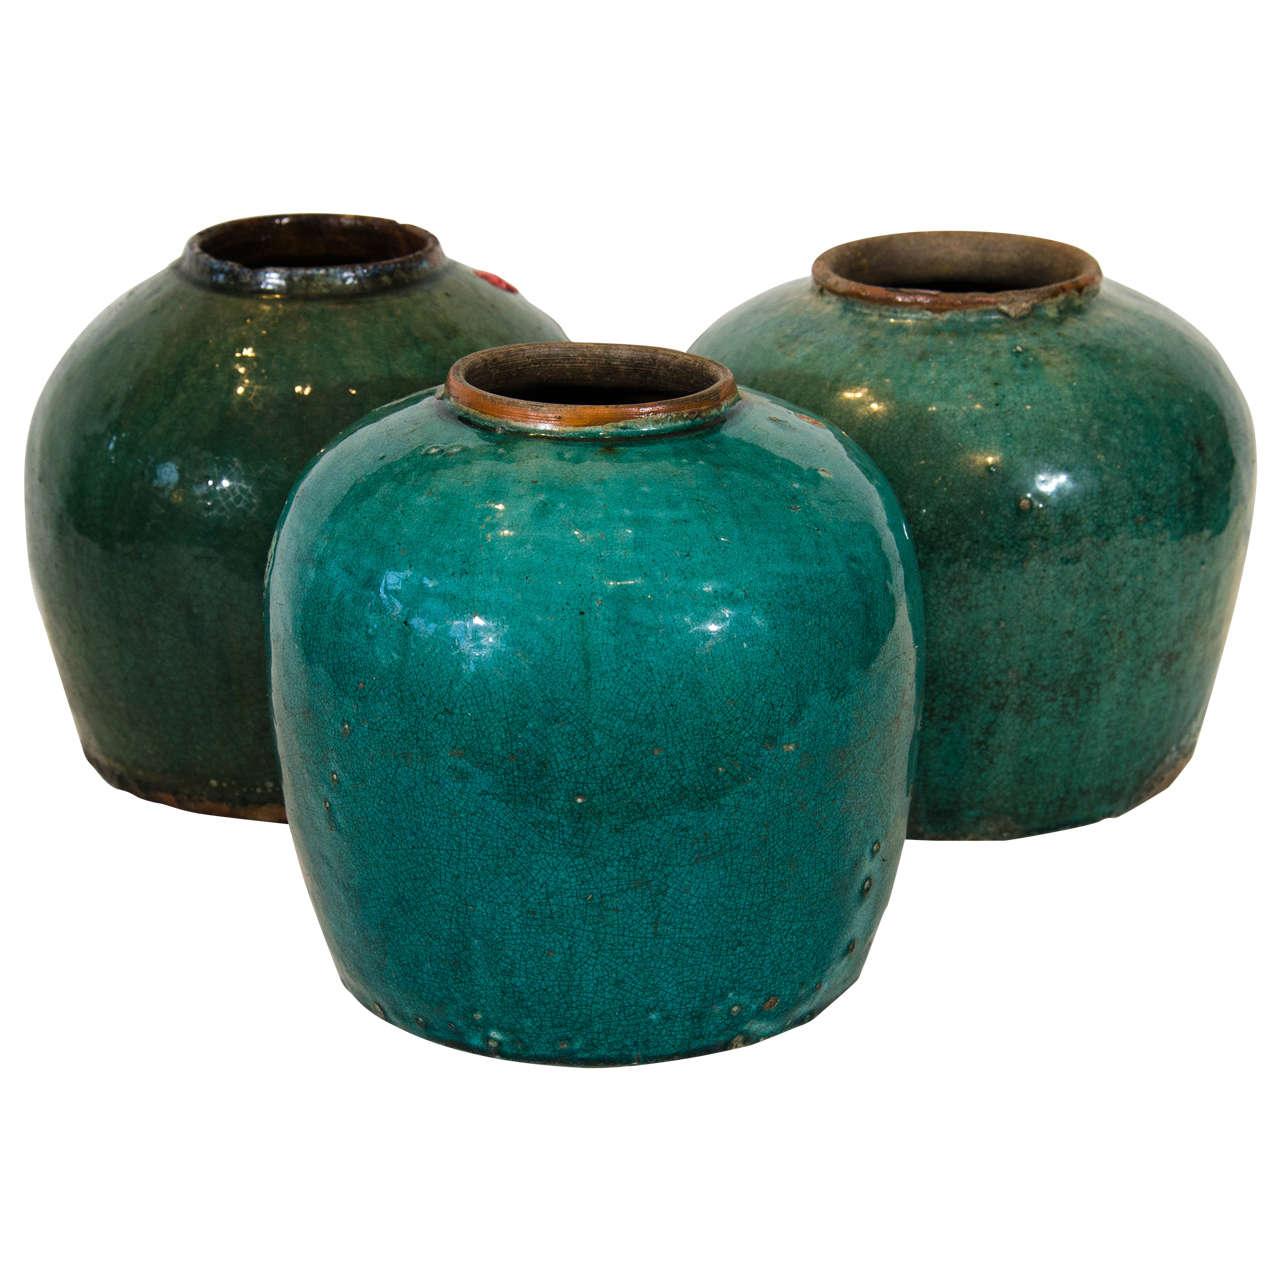 Antique Ceramic Jar